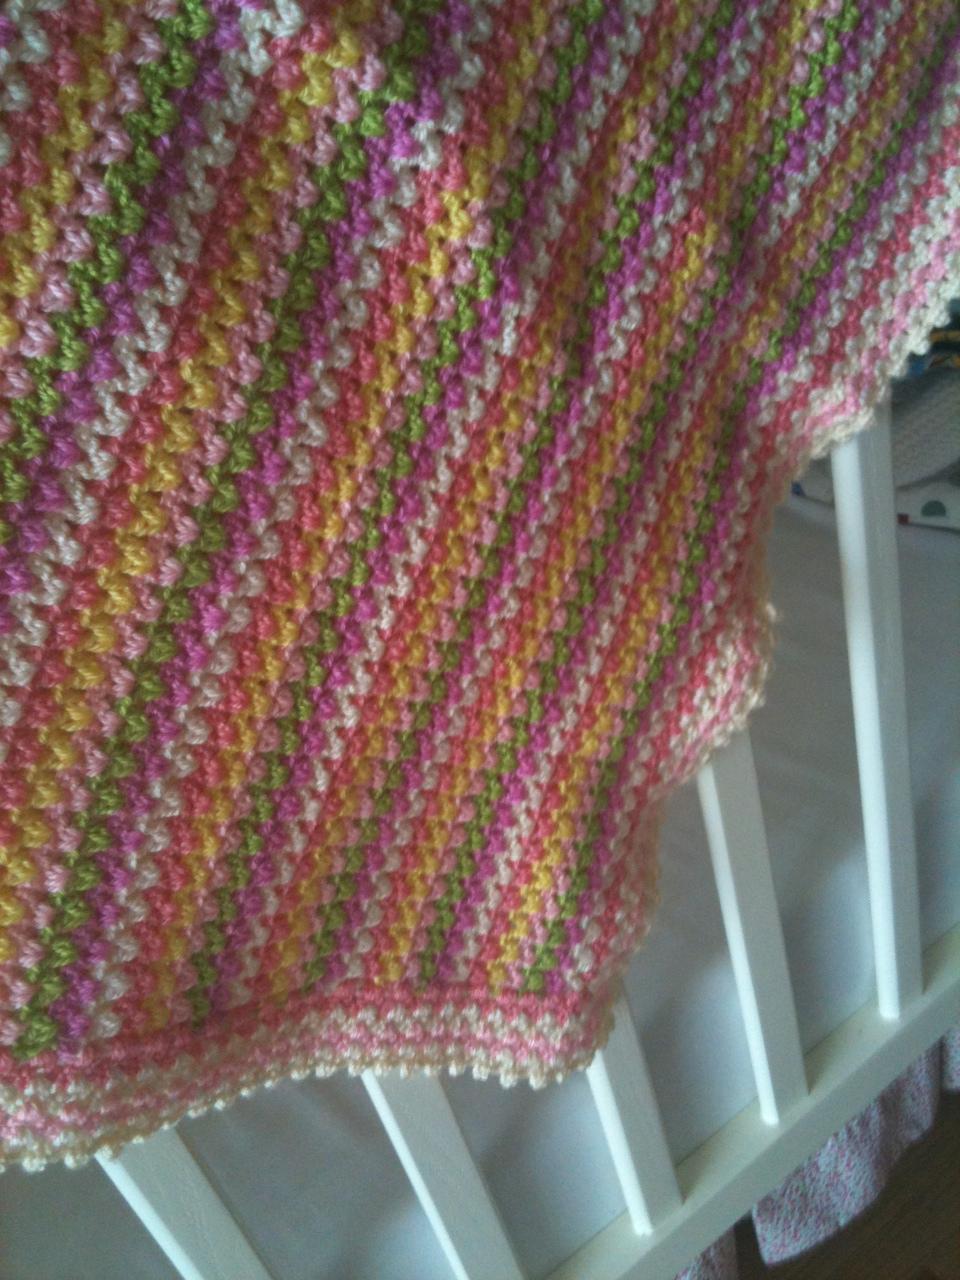 Bebek battaniyesi modelleri battaniyeleri car pictures - Bir Kismi Tarzimizi Yansitmaz Kullanamayiz Bir Kismi Ise Cok Buyuk Olur Nereye Koyacagimizi Bilemeyiz Hele Bebek Arabasi Ile Bir Yere